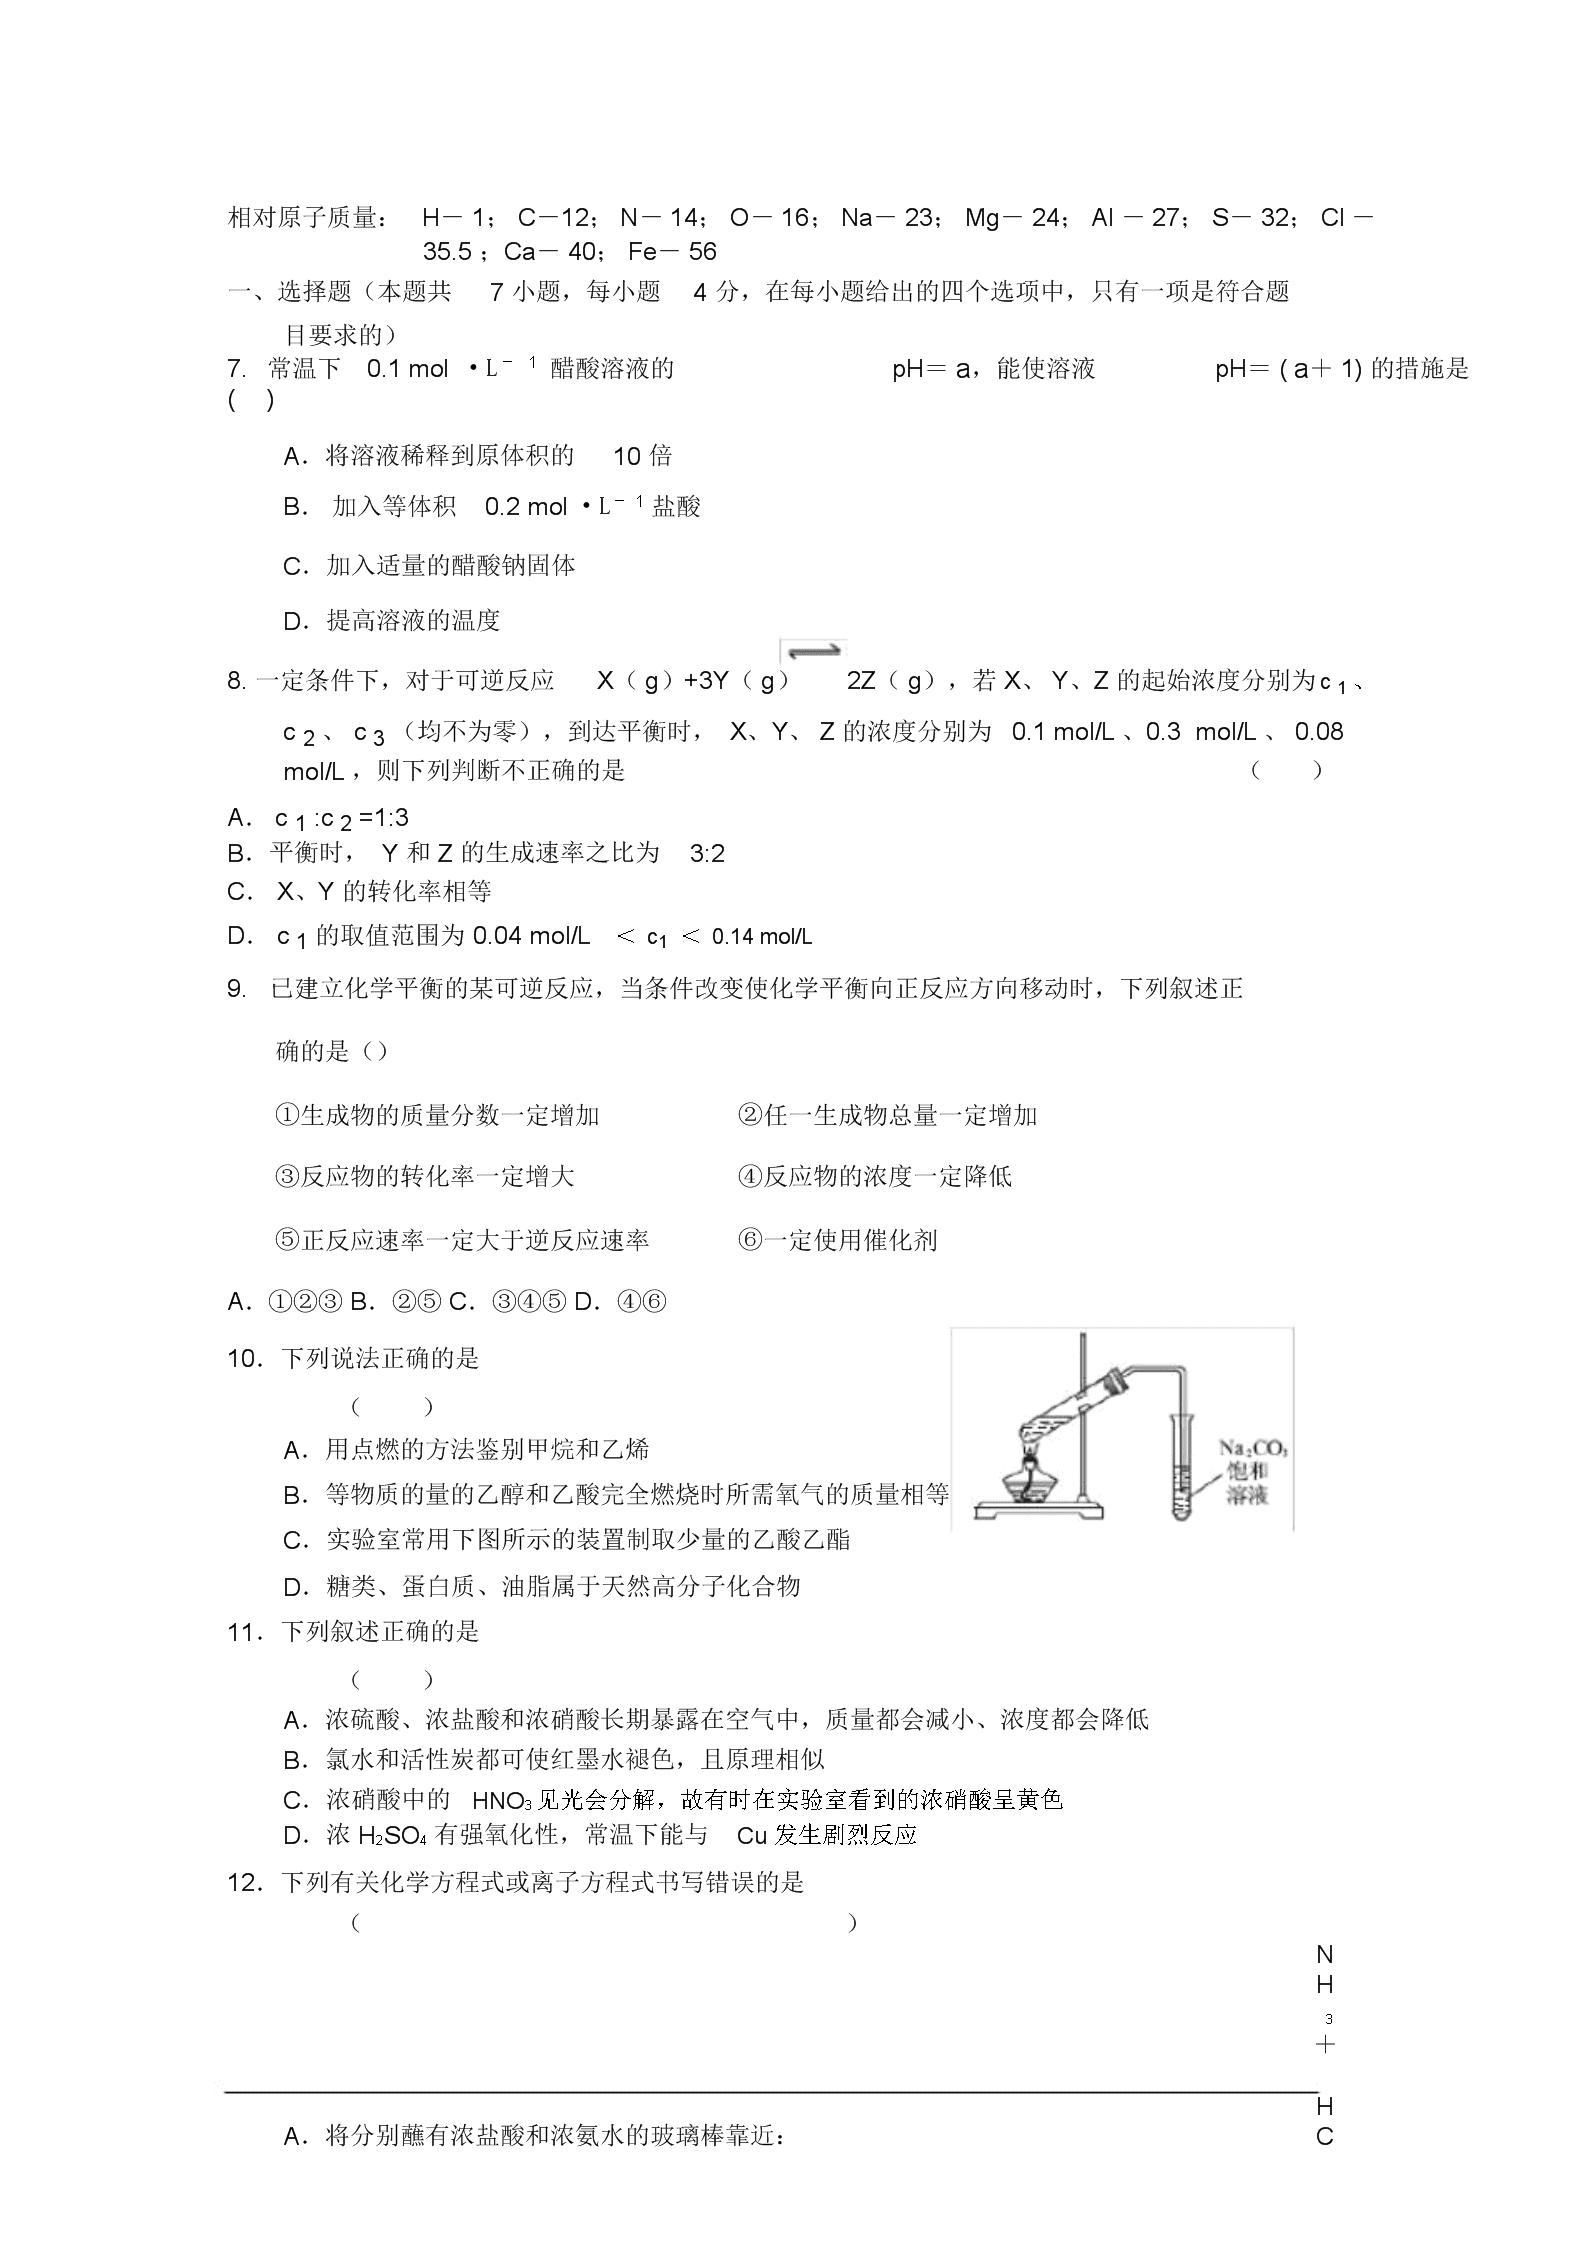 高考化学考前模拟试题2.docx